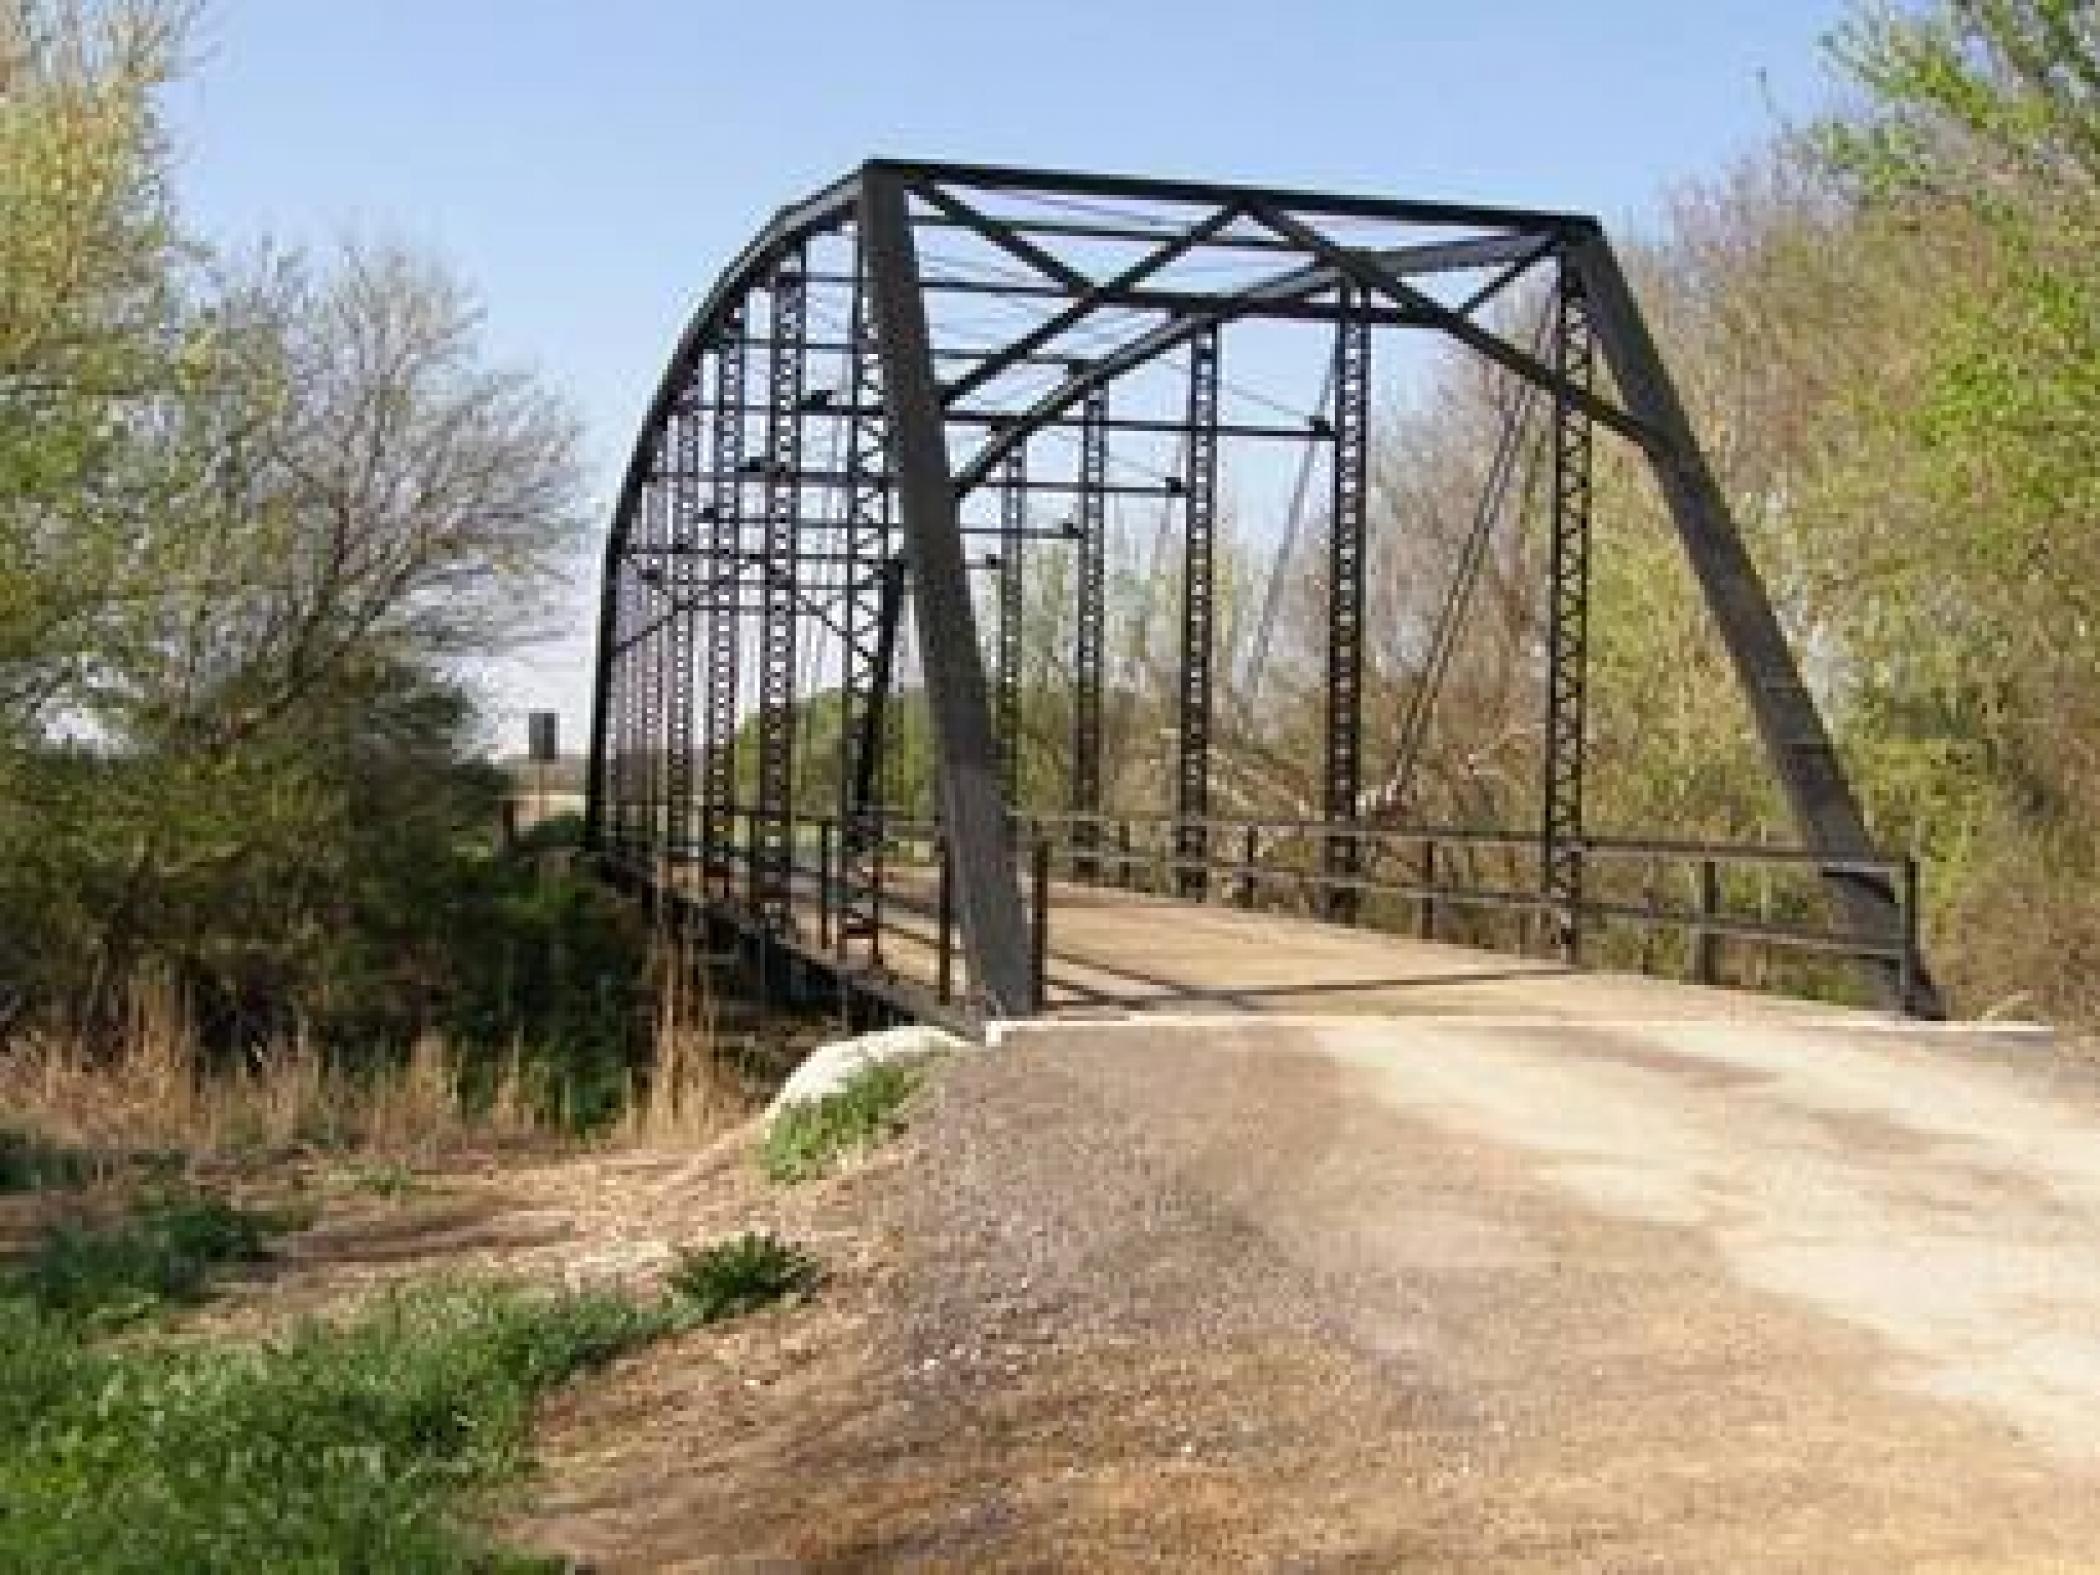 Hangmans bridge photo